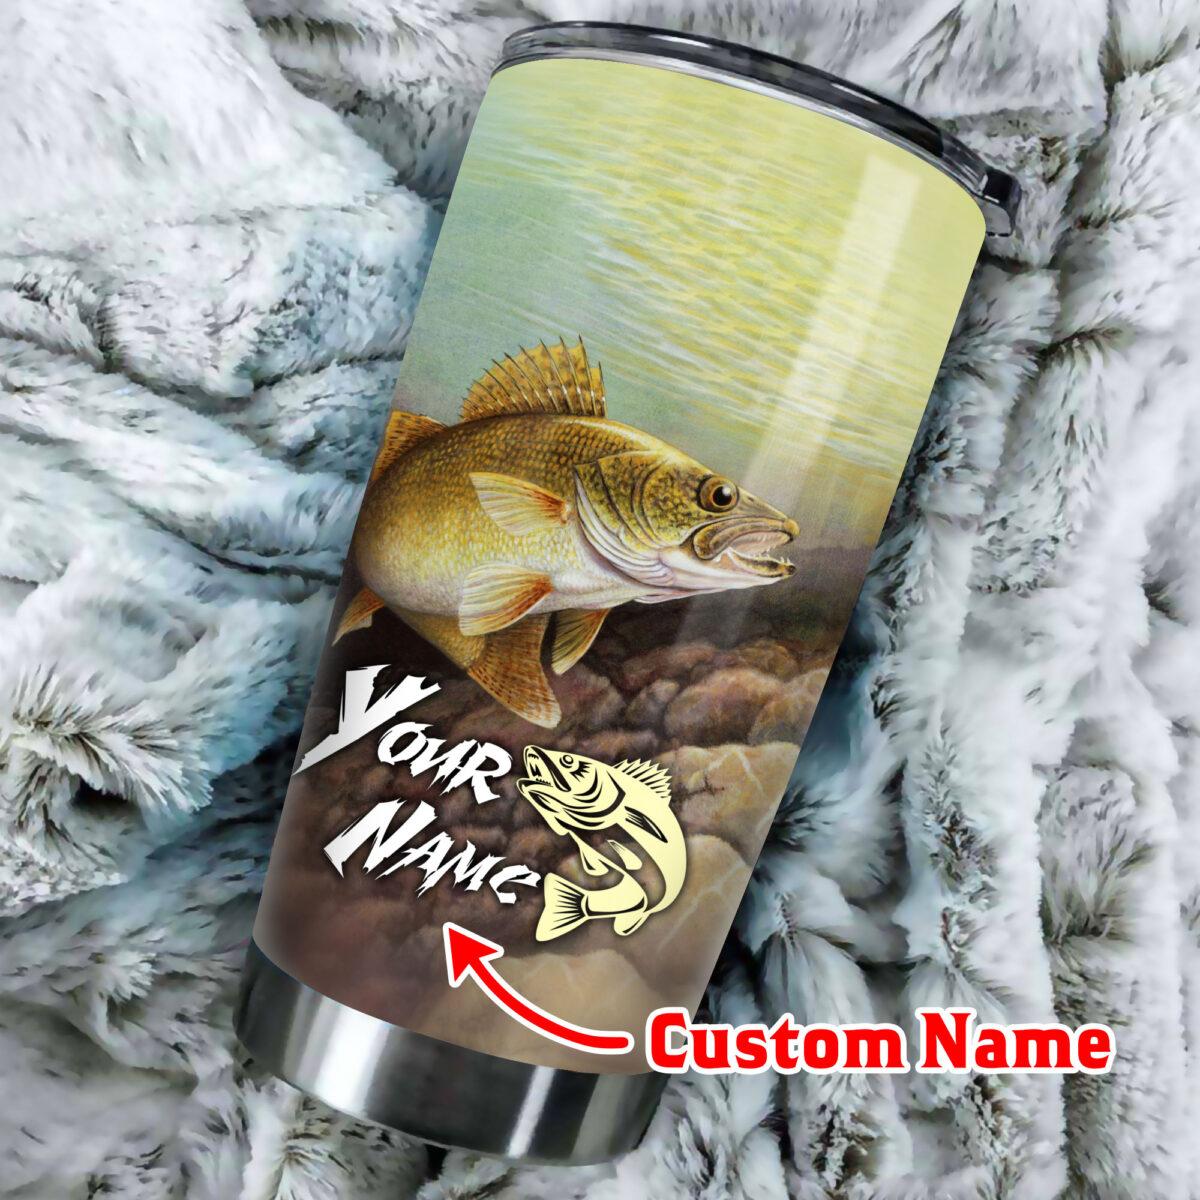 custom name love fishing all over print stainless steel tumbler 4